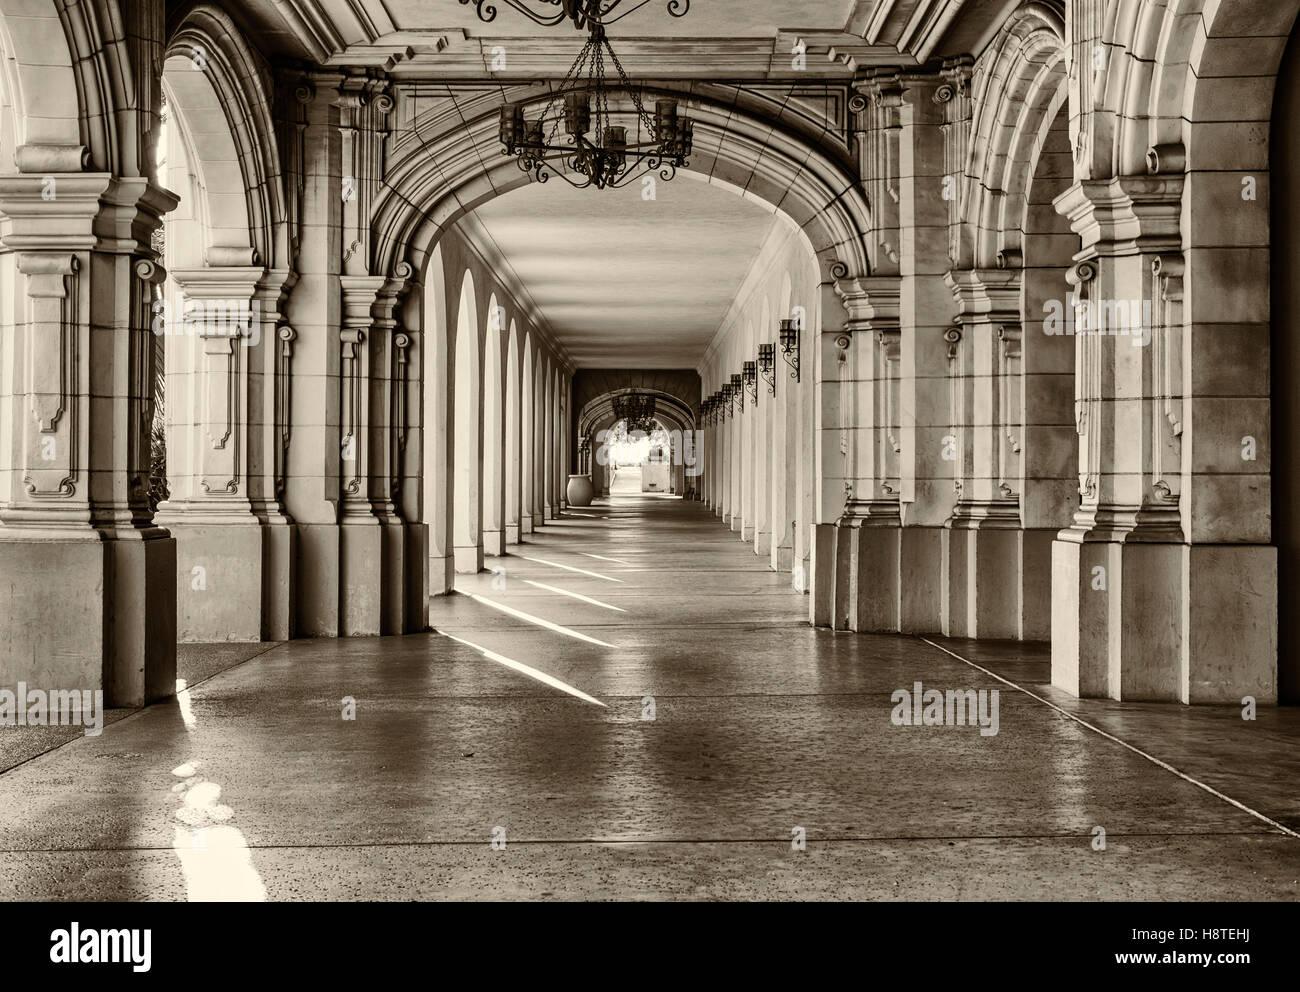 Architettura storica e la passerella al Balboa Park. San Diego, California, Stati Uniti. Immagini Stock